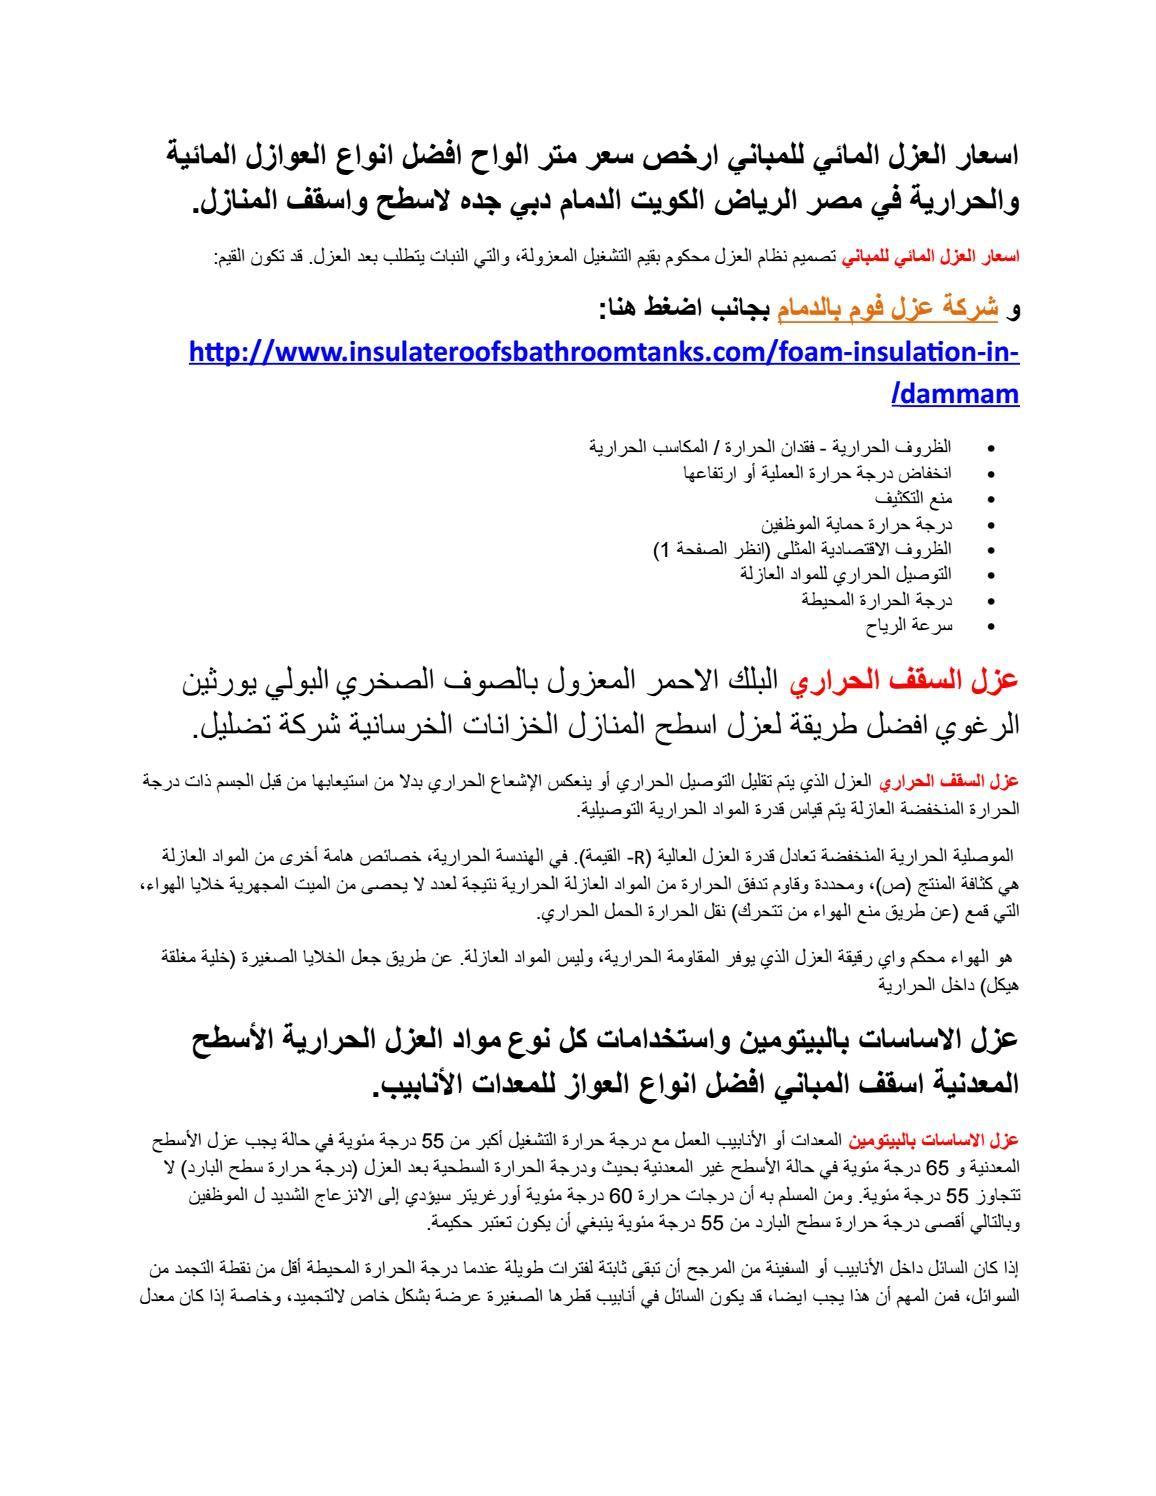 عزل الاساسات Pdf اعمال العزل للاساسات بحث كامل عن اسعار جميع انواع مواد العزل الحراري المائي ضد الر Cleaning Services Company Carpet Steam Companies In Dubai